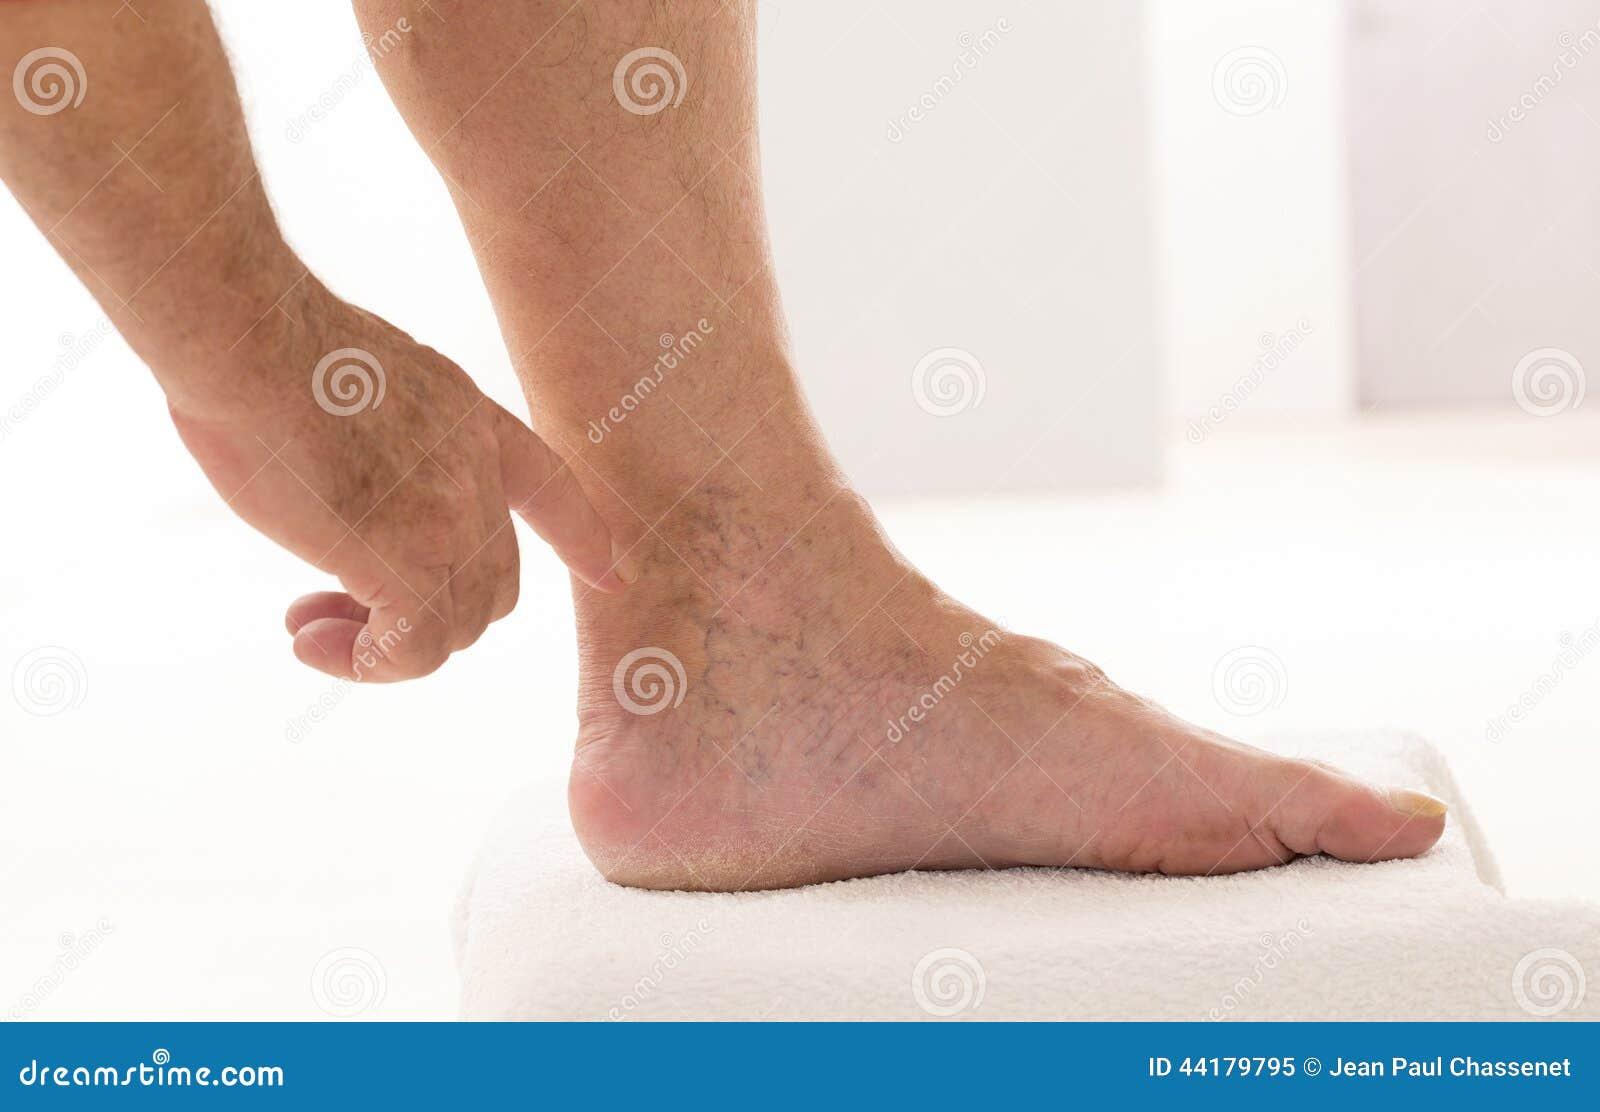 Les ongles des mains au psoriasis